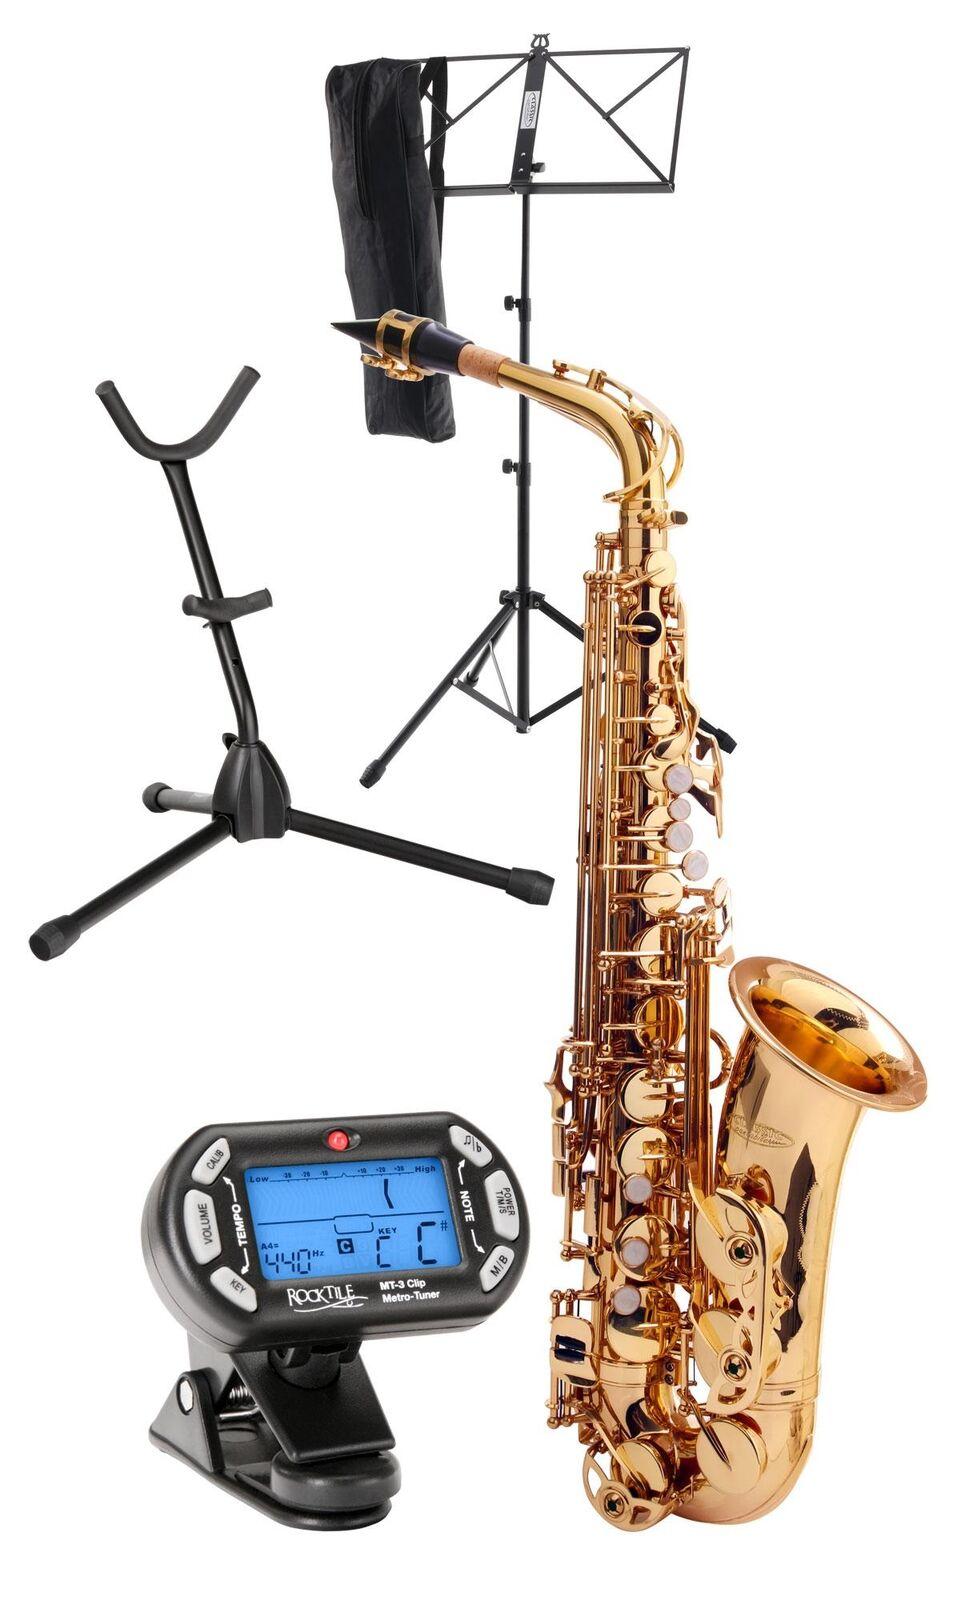 Saxophone Alto Mib Sax Laiton Instrument a Vent Set Support Pupitre Metronome